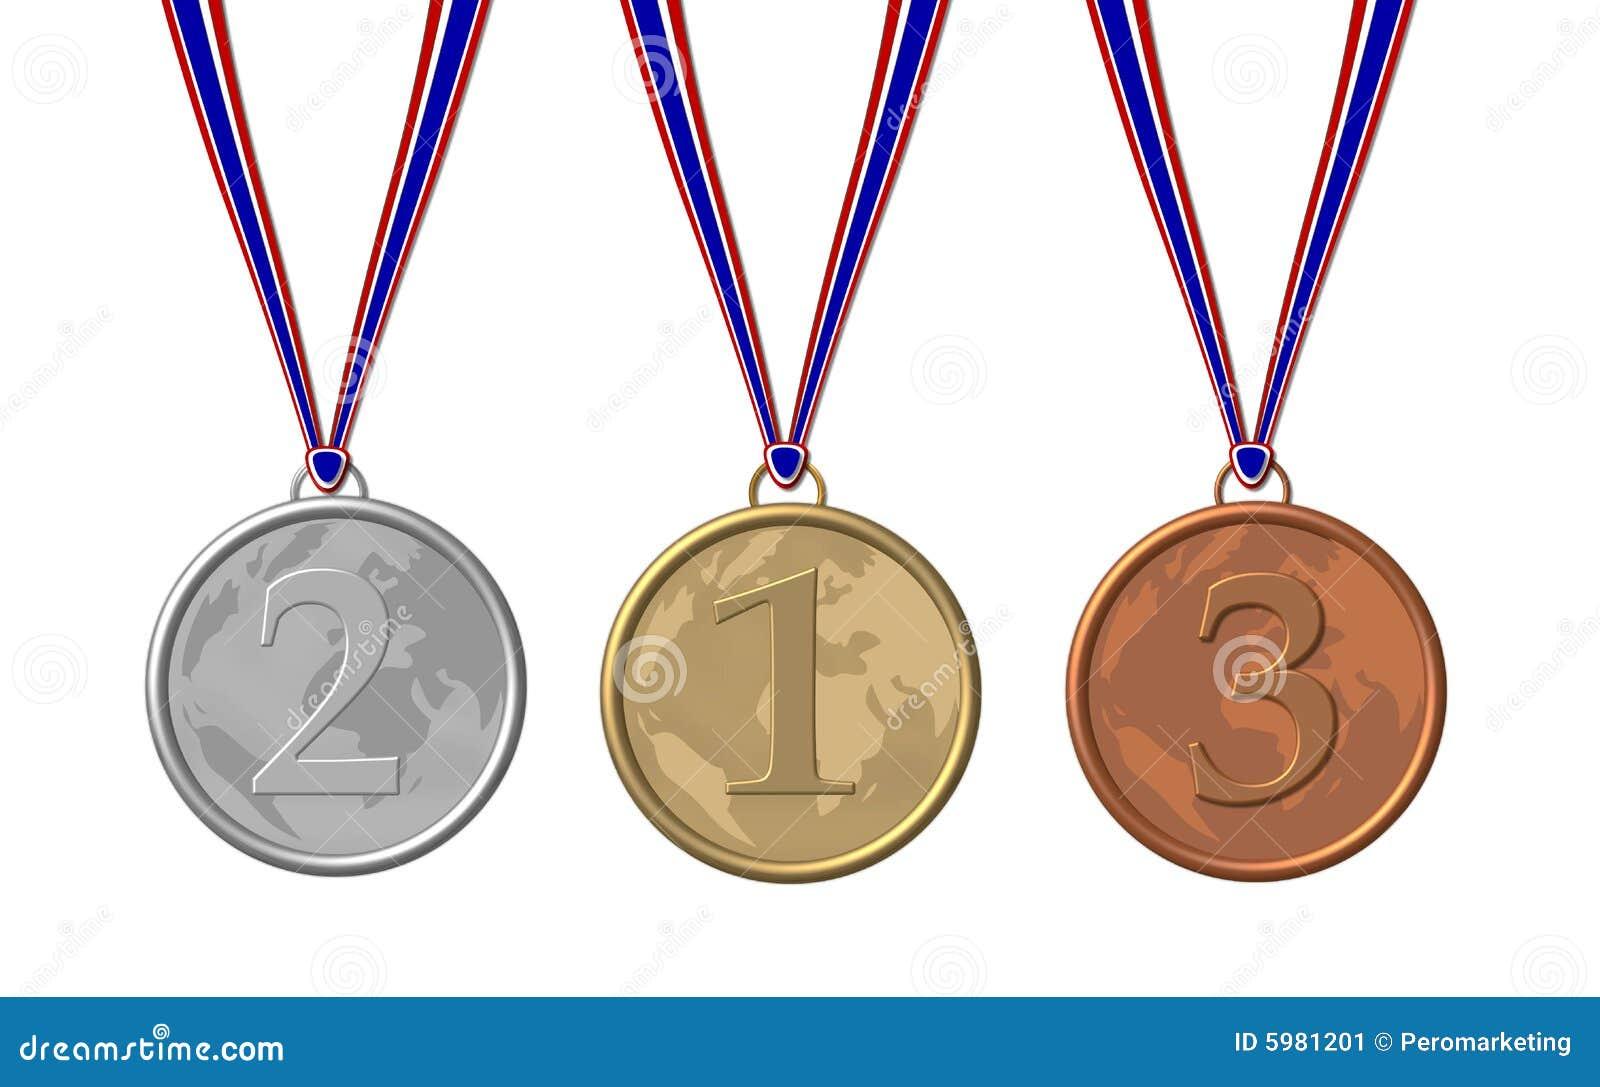 Медаль своими руками из бронзы